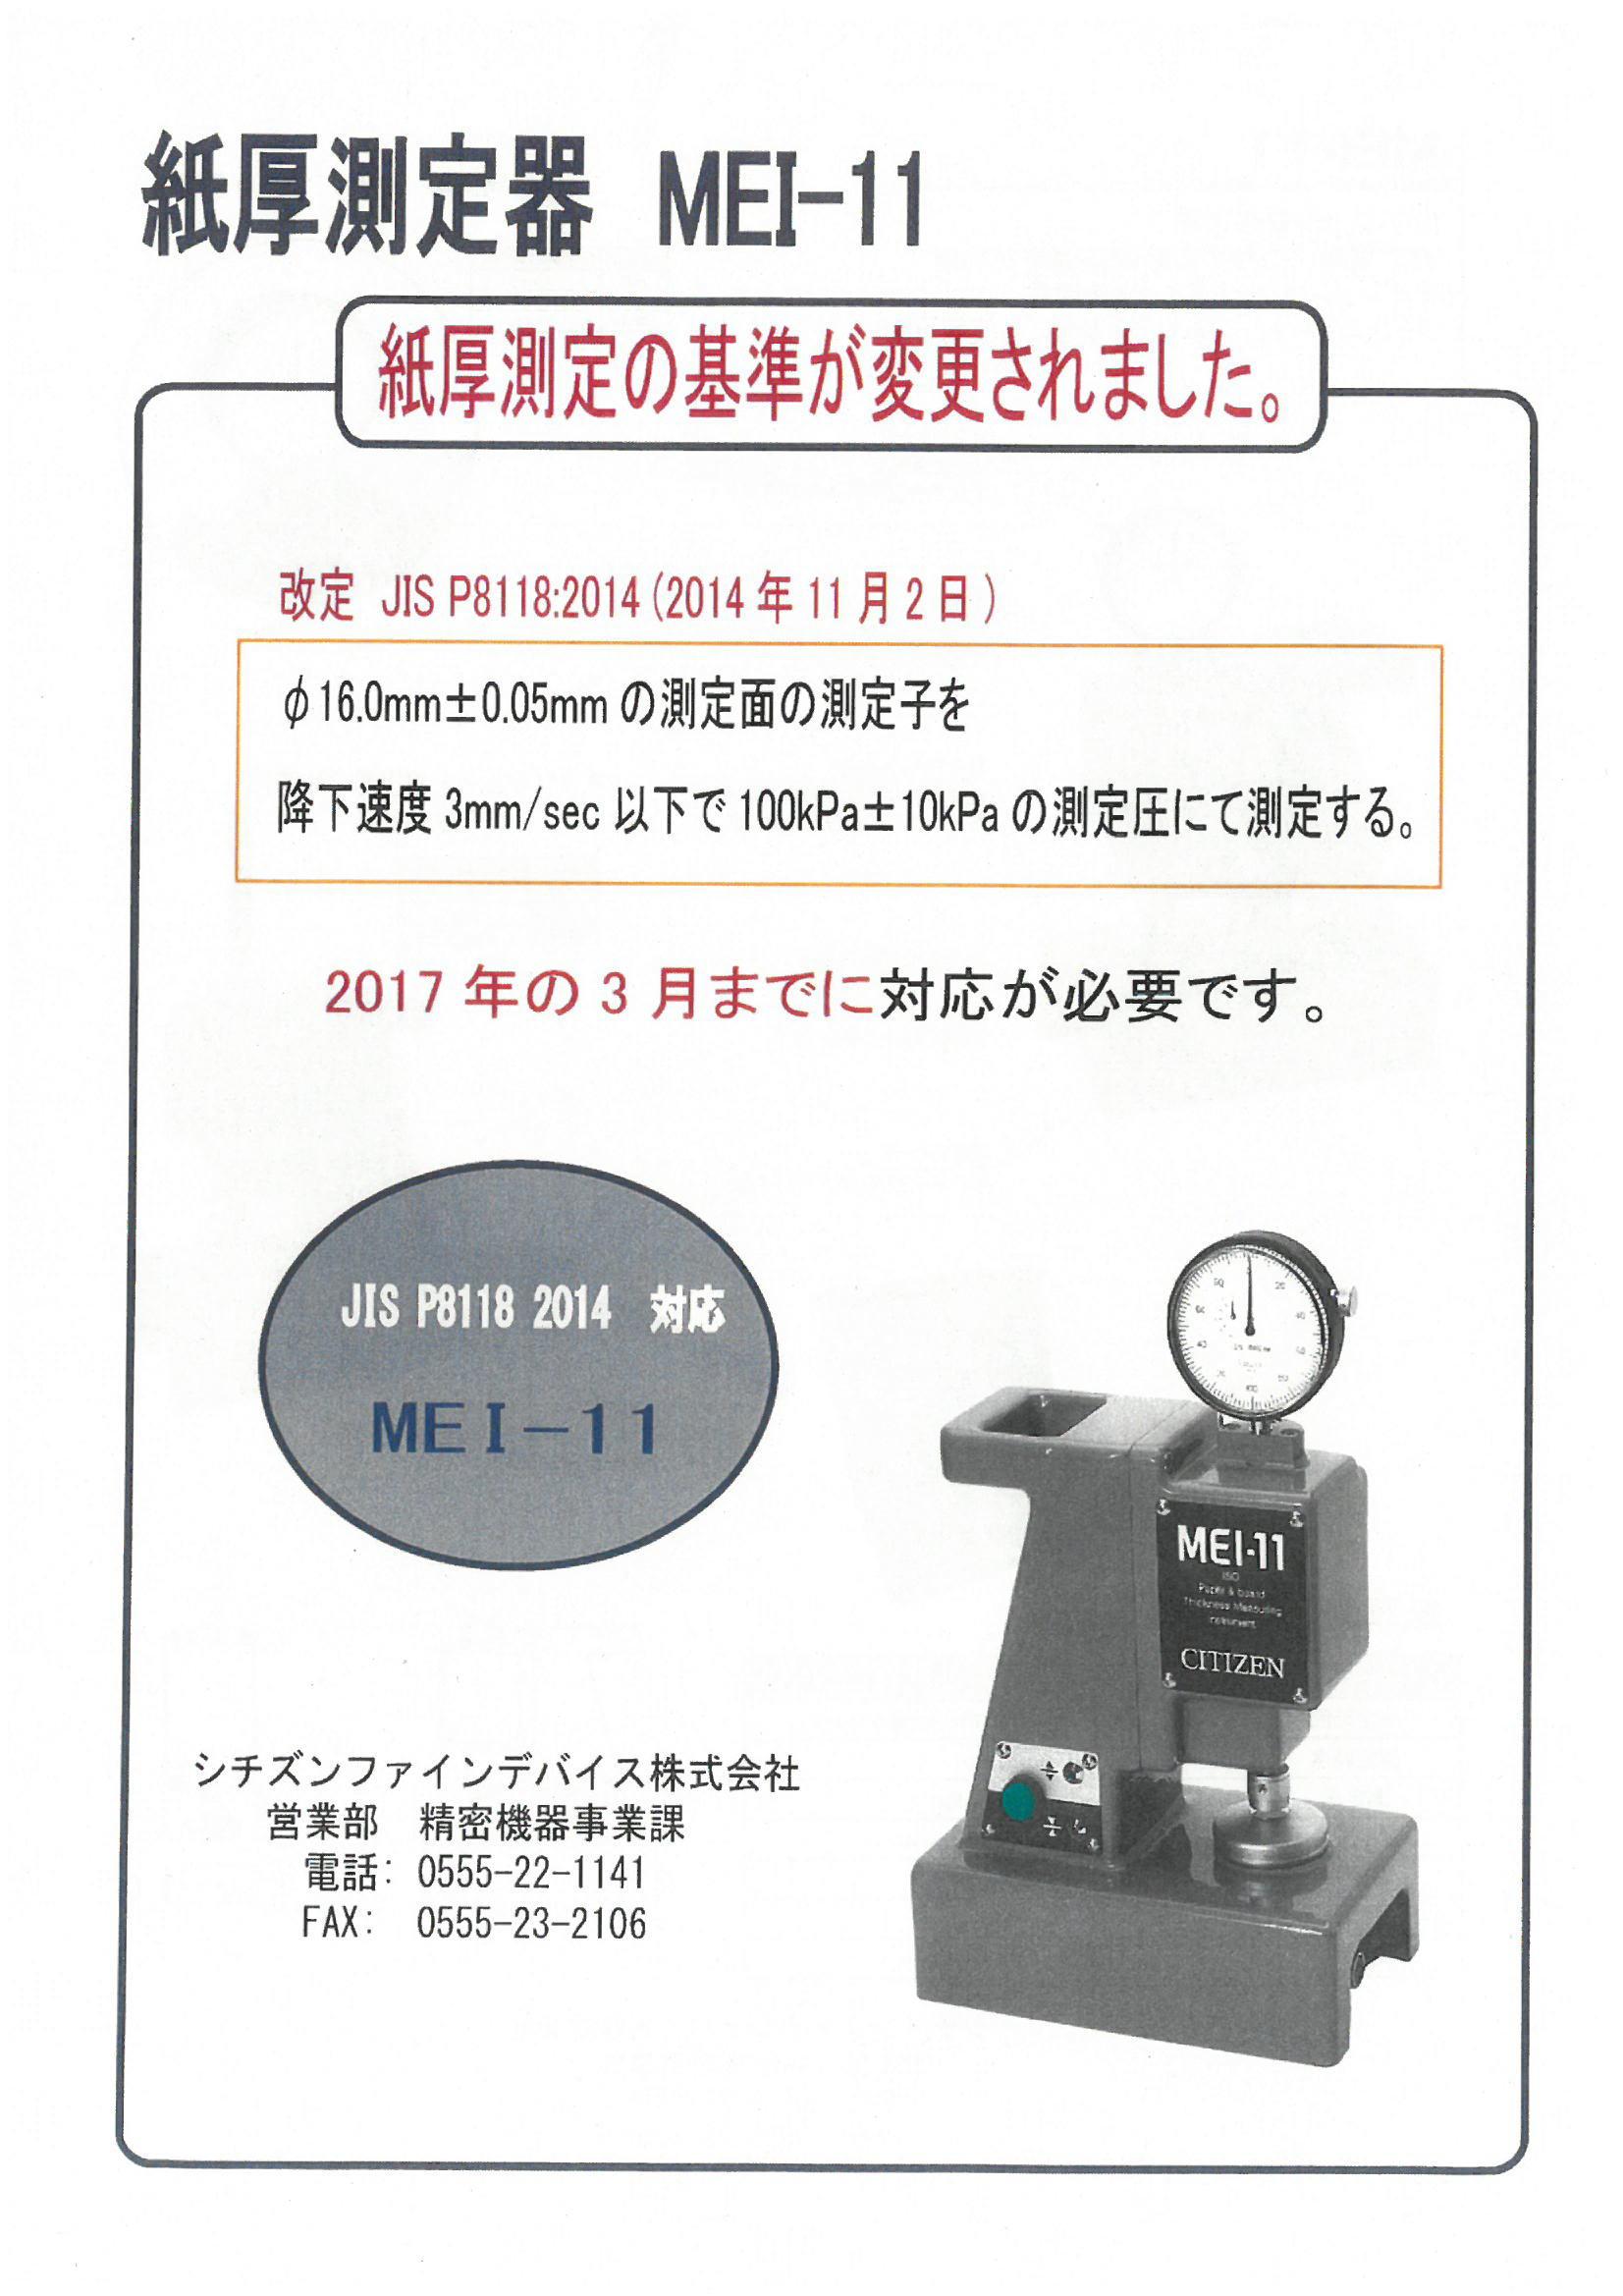 シチズンファインデバイス株式会社 MEI-11